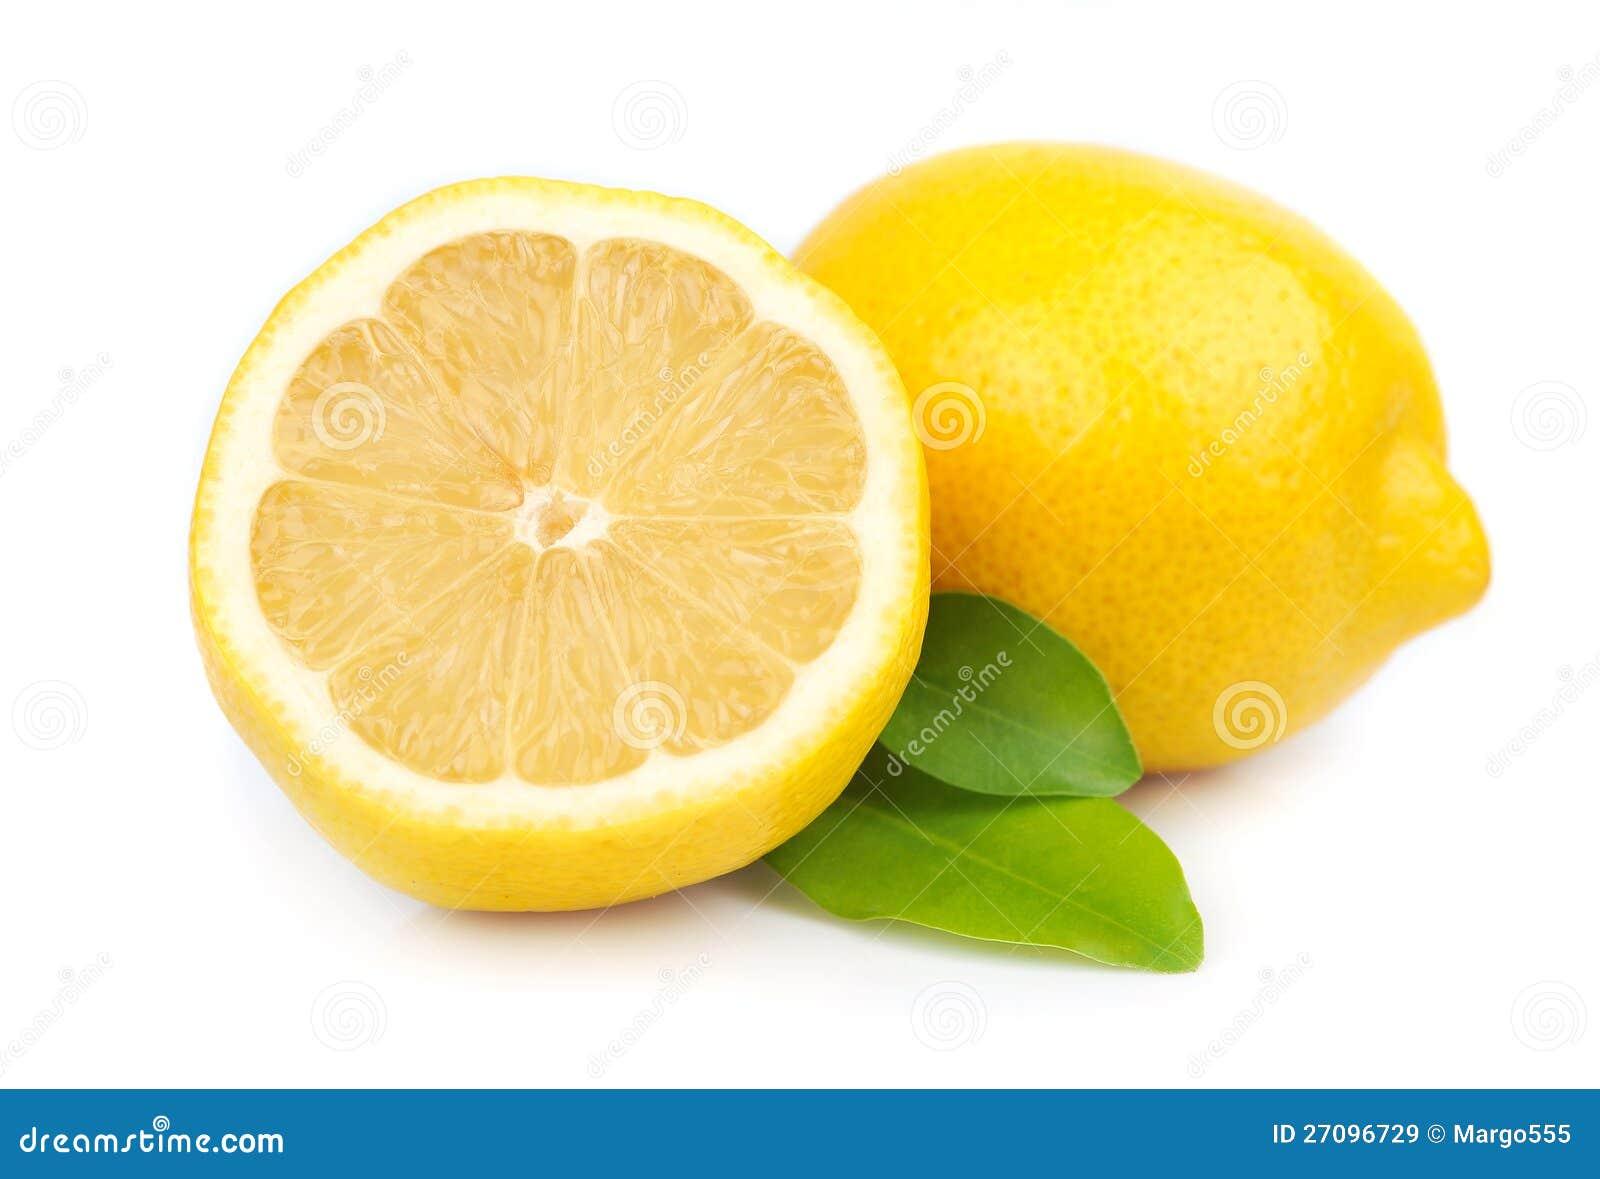 Sweet Lemon Fruit Royalty Free Stock Images - Image: 27096729